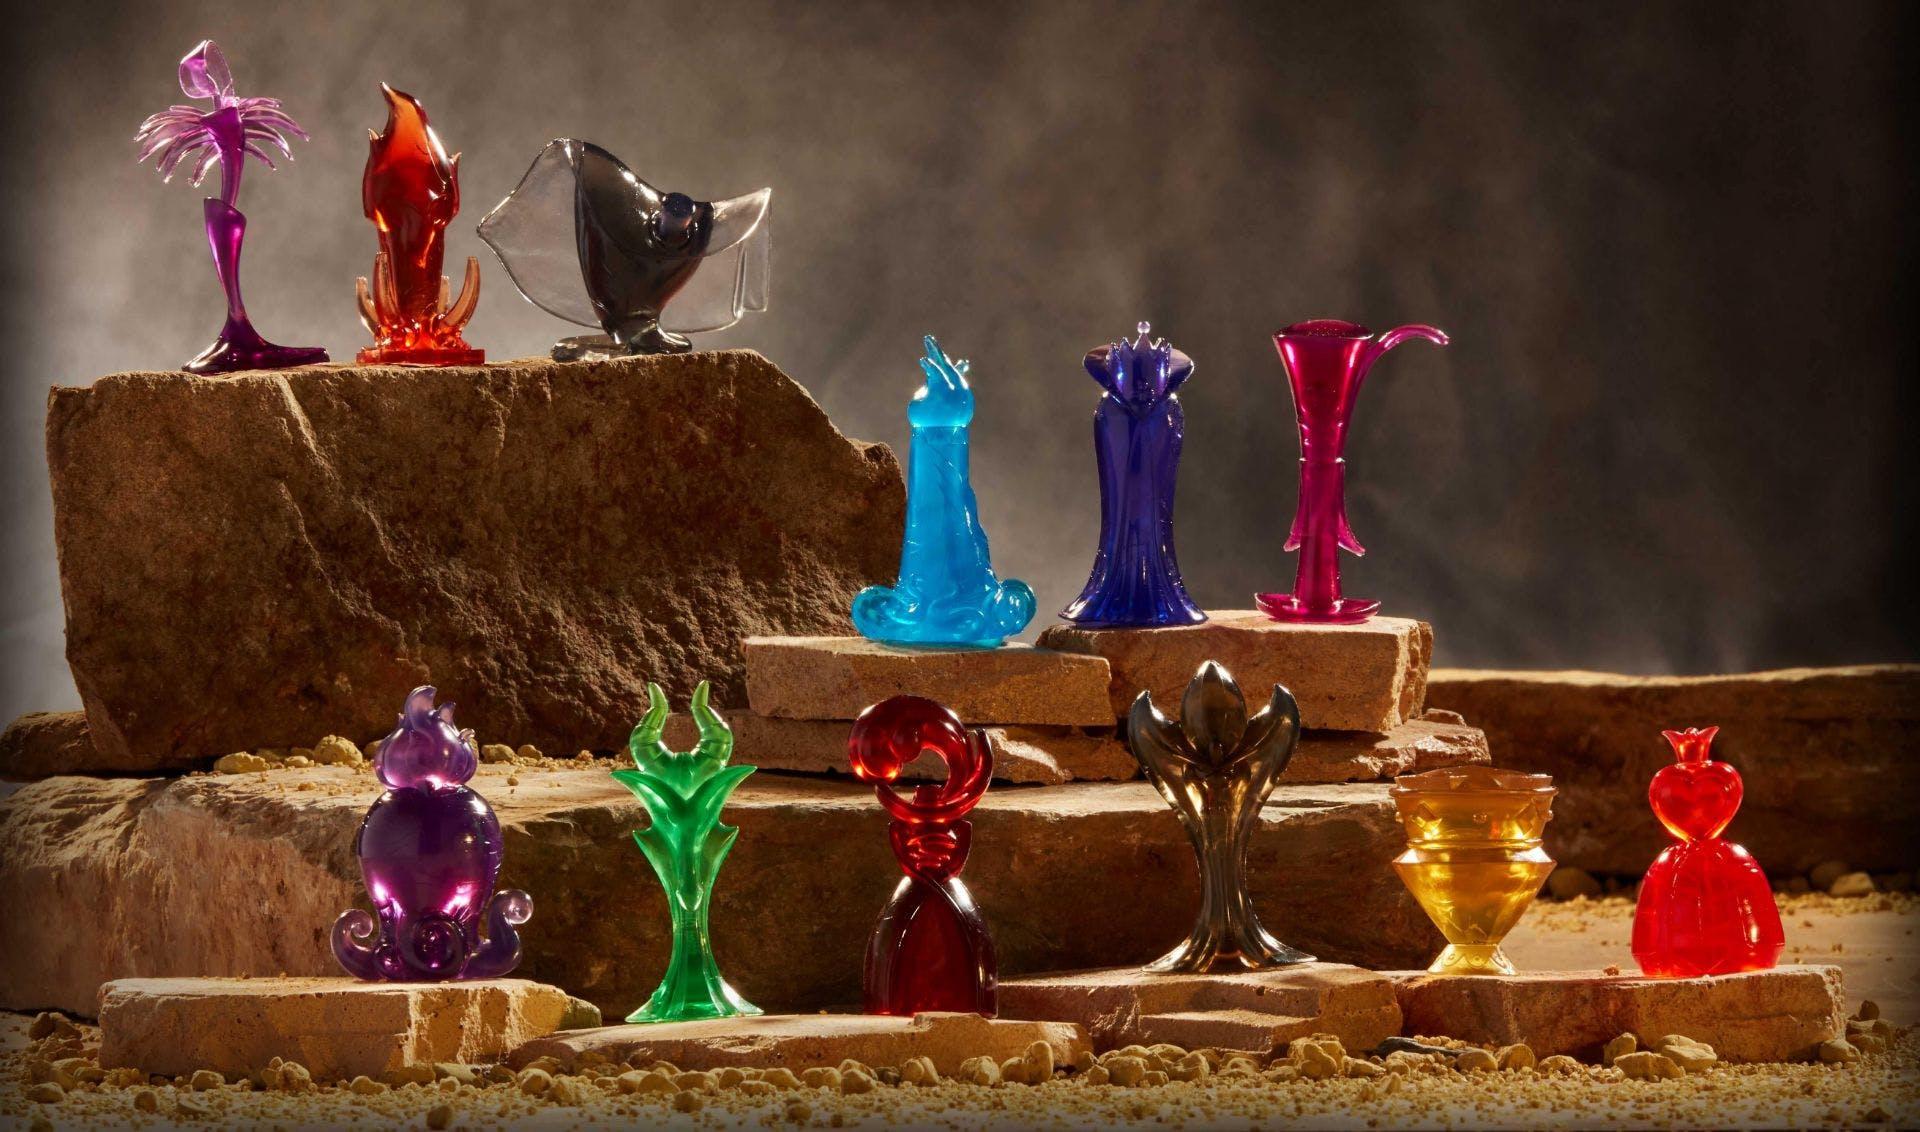 Villainous - Figurines